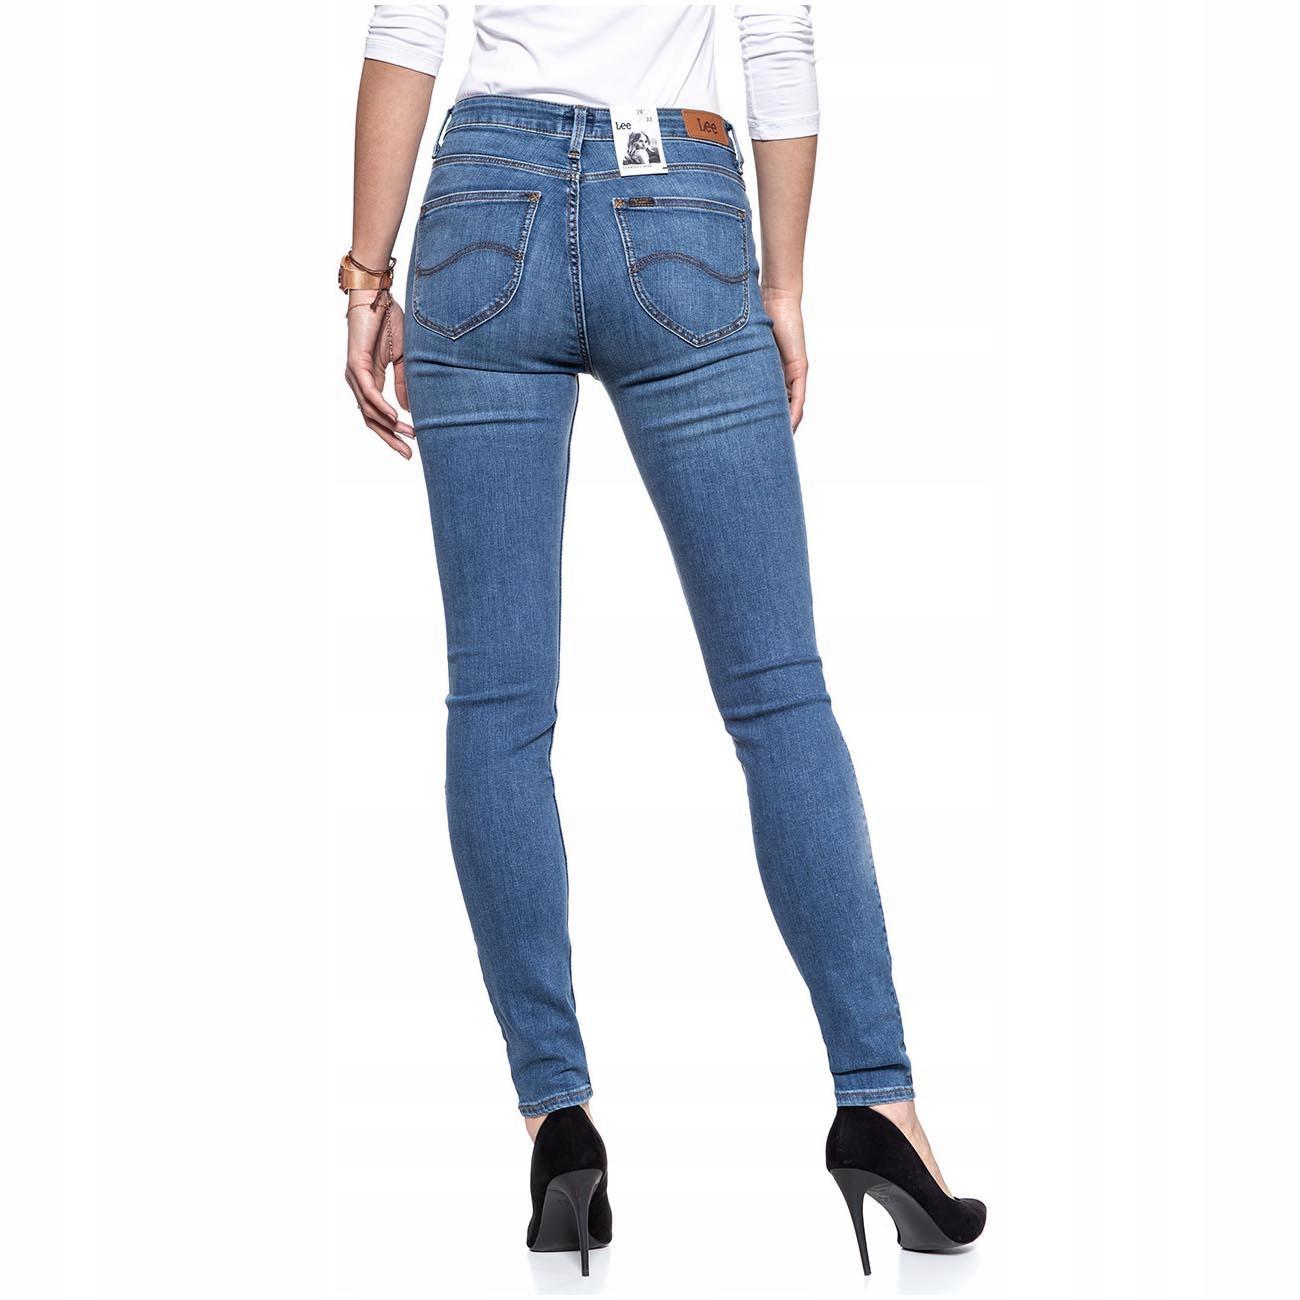 Lee Scarlett High Spodnie Damskie Jeansowe W30 L35